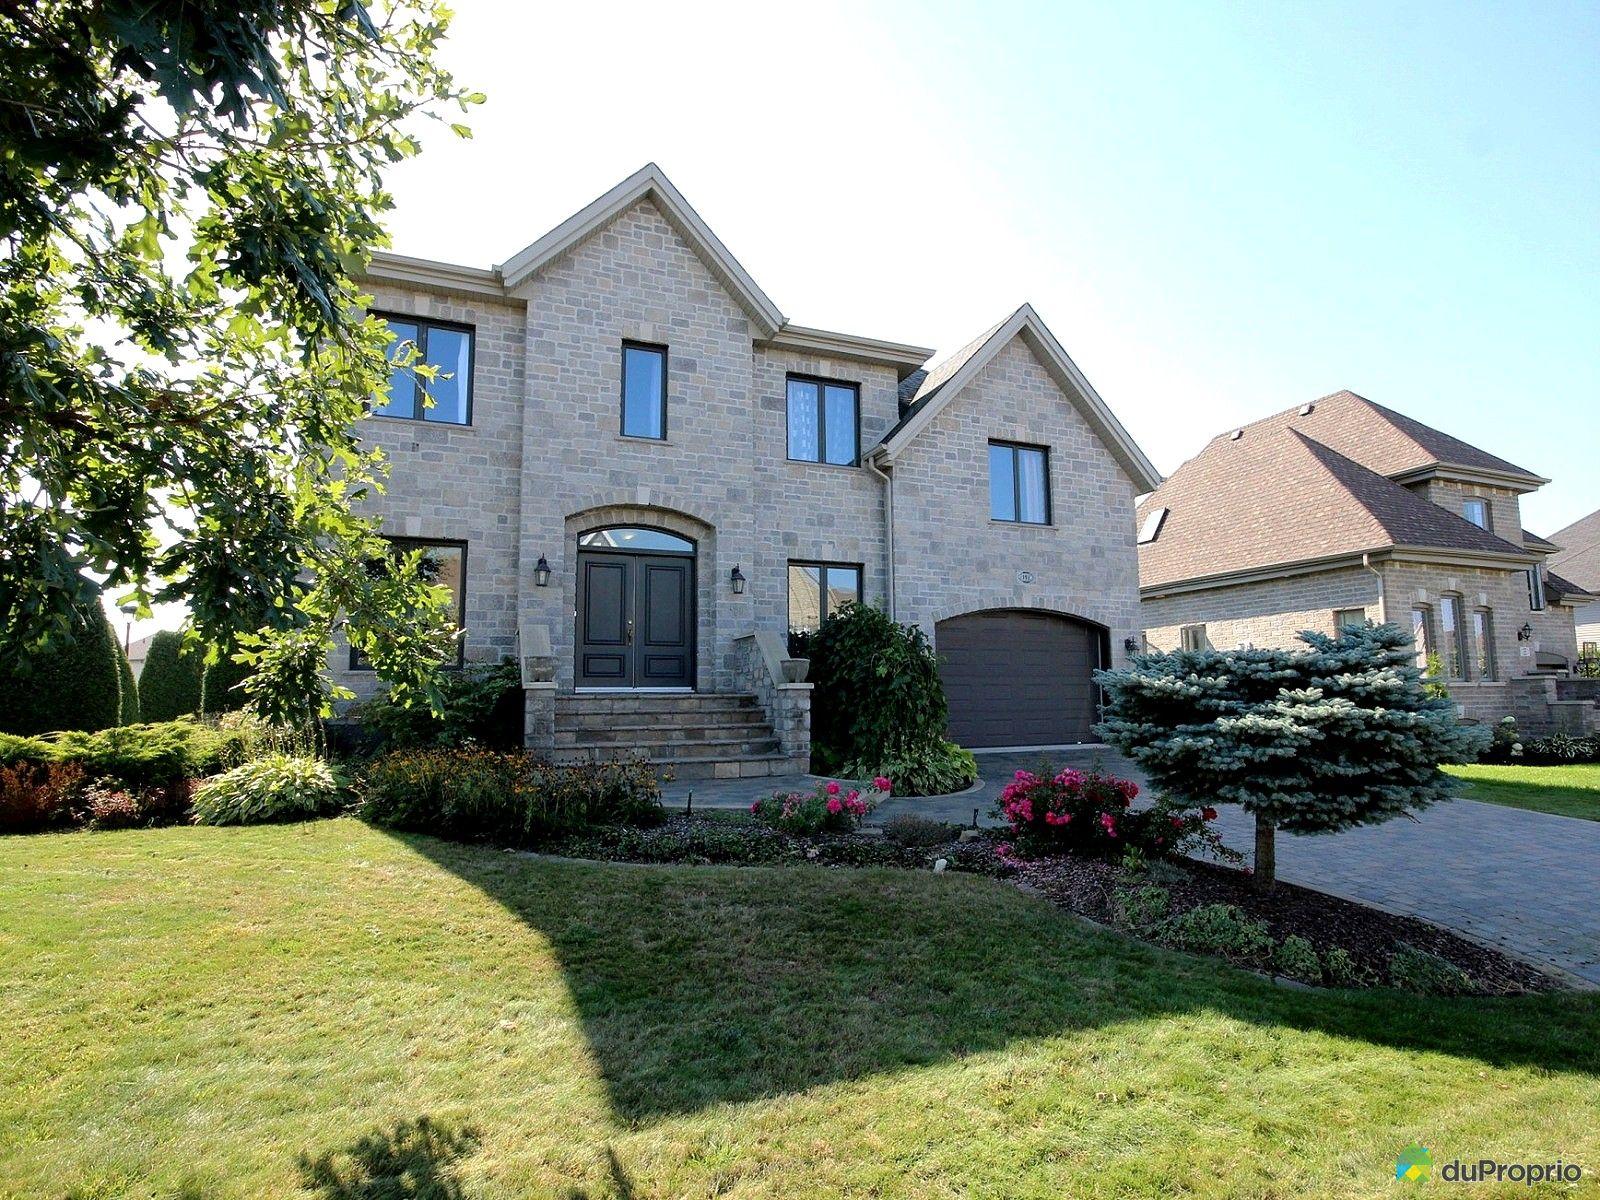 Maison vendre candiac 191 avenue deauville immobilier qu bec duproprio 648822 for Maison moderne a vendre candiac